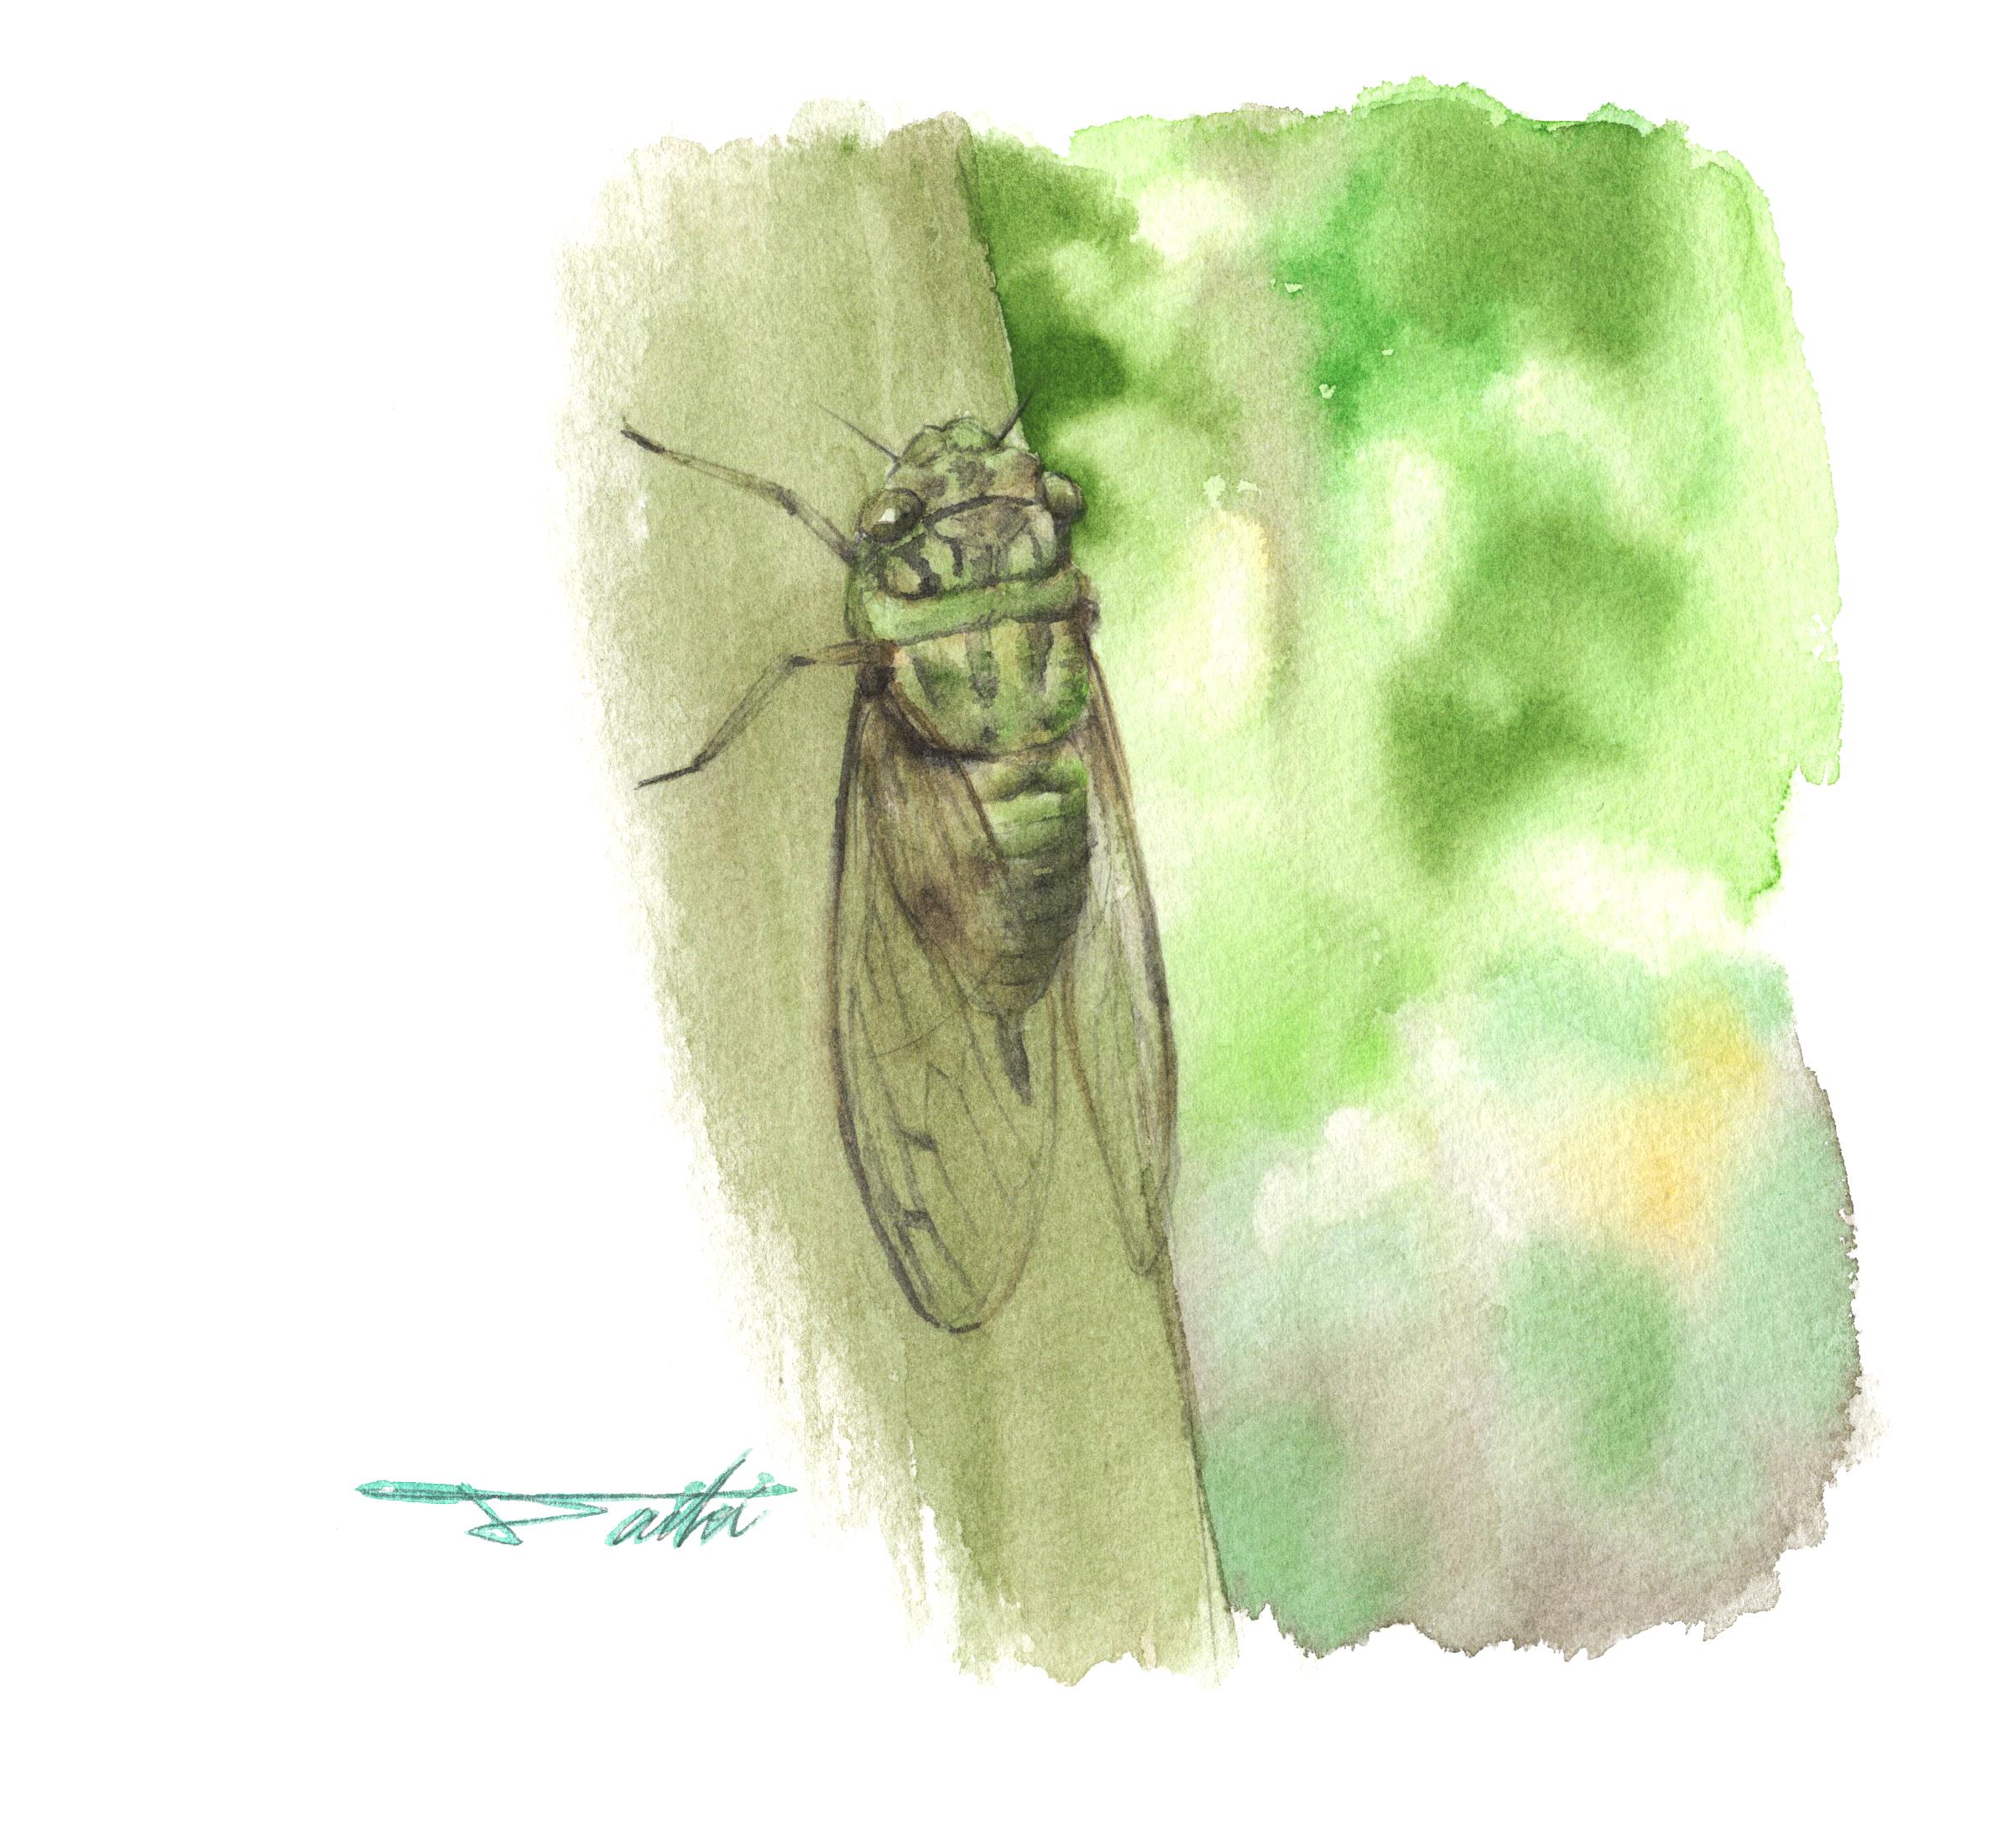 ツクツクボウシ 水彩昆虫イラスト